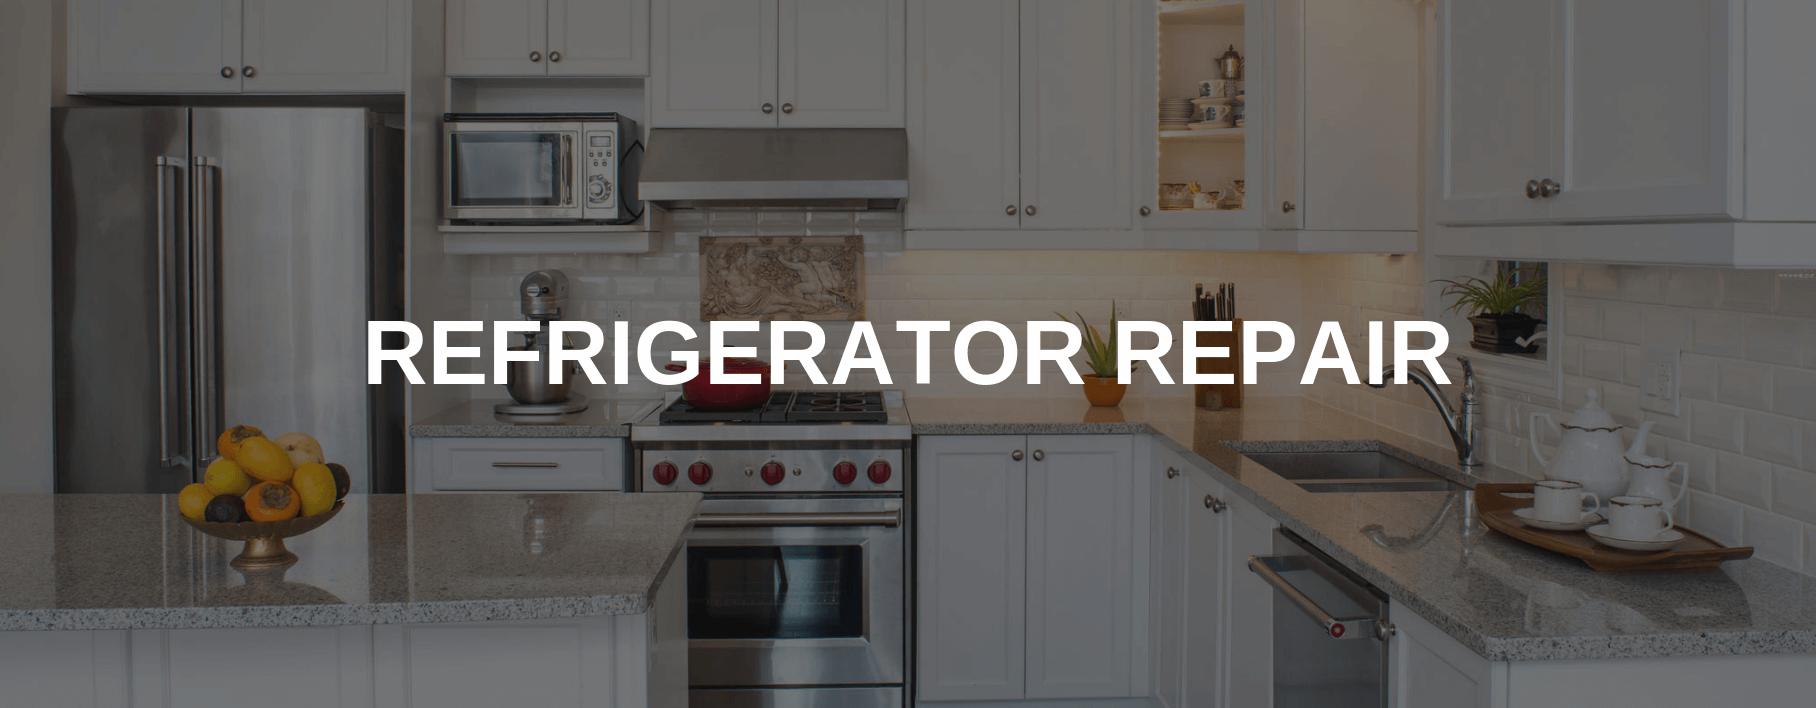 refrigerator repair greenwood